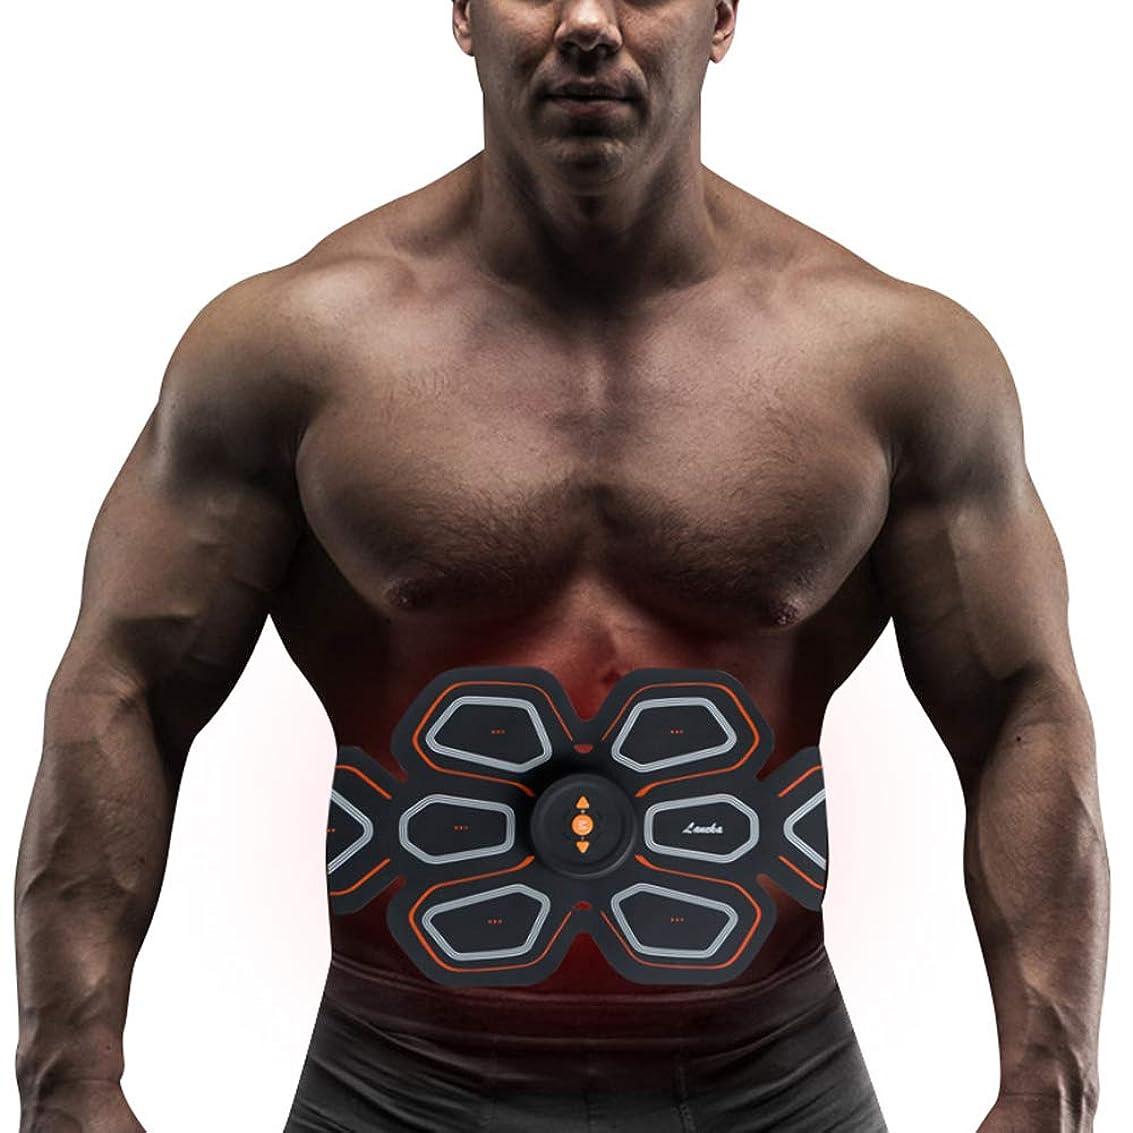 スナック彫刻家シェフスマート腹部筋肉トレーナーusb電気マッサージフィットネス機器EMS筋肉刺激装置体重減少マッサージスポーツフィットネス機器ユニセックス